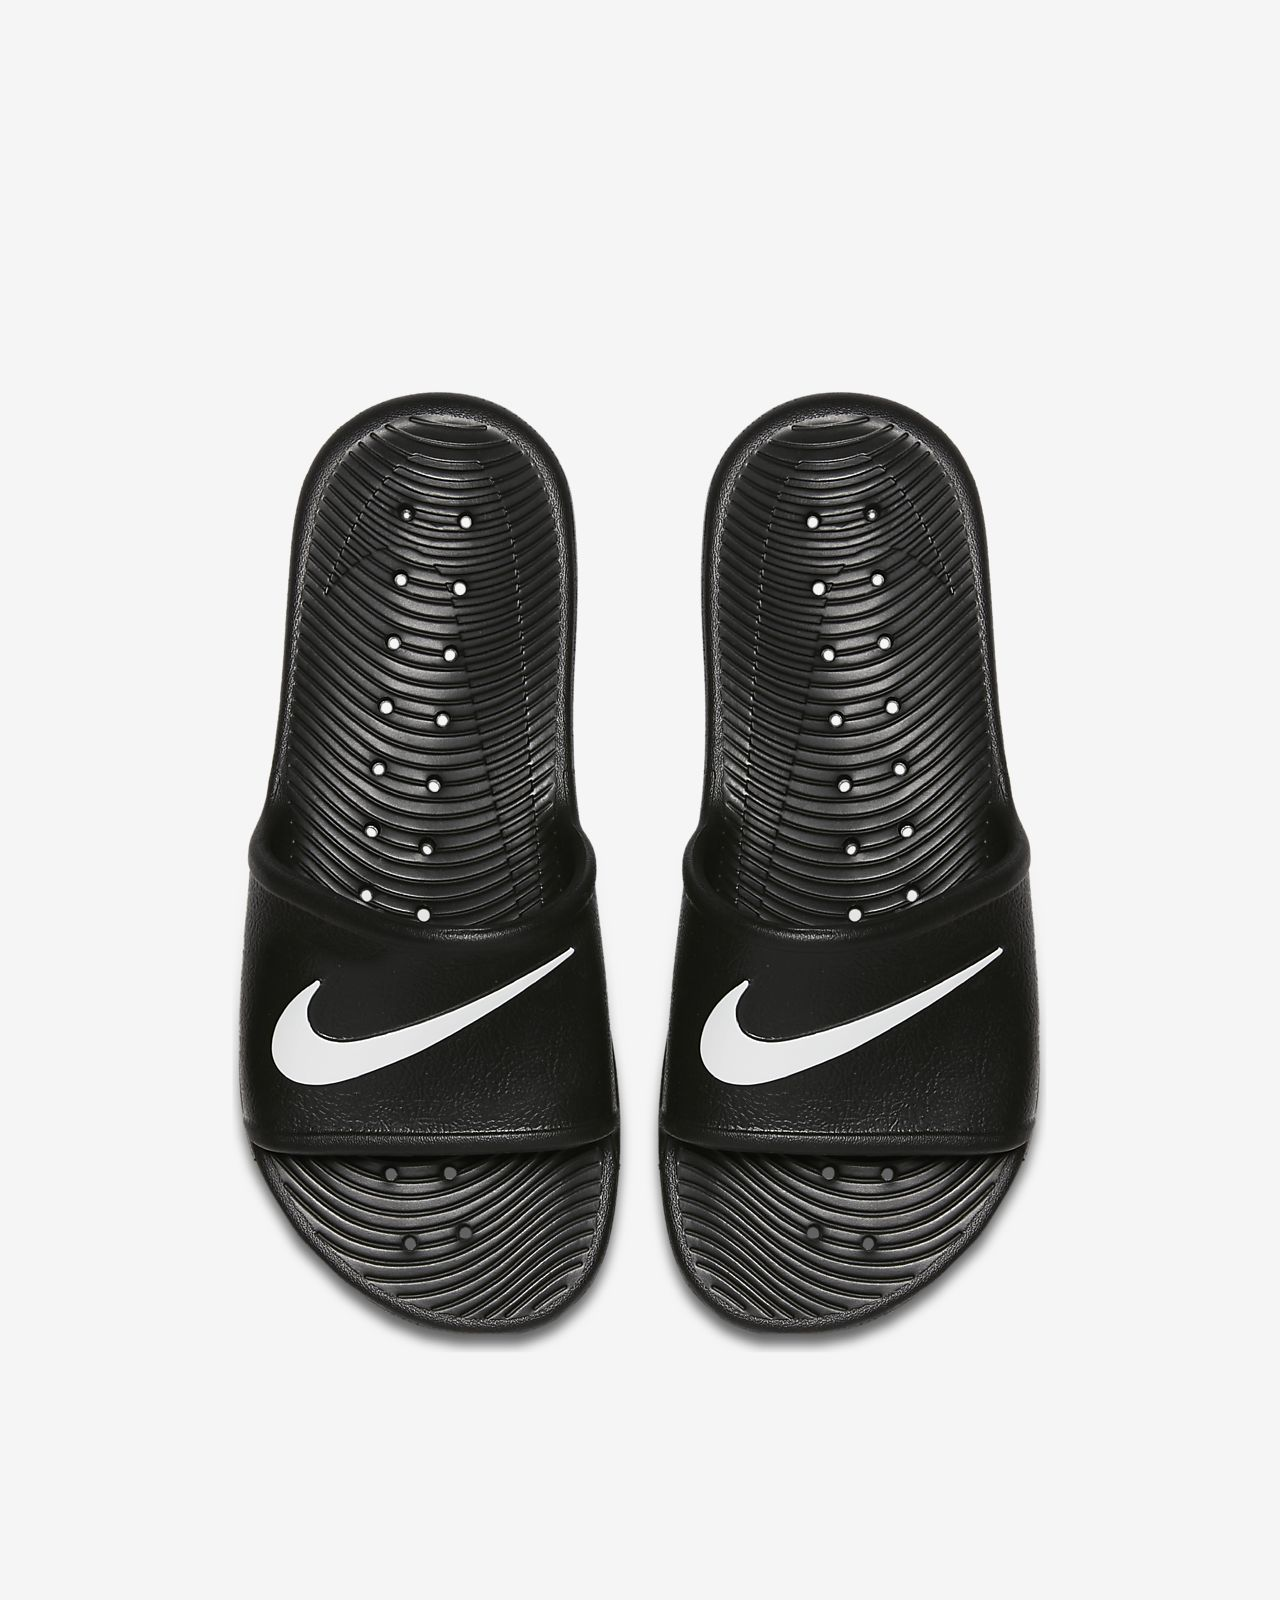 Dámské pantofle Nike Kawa Shower